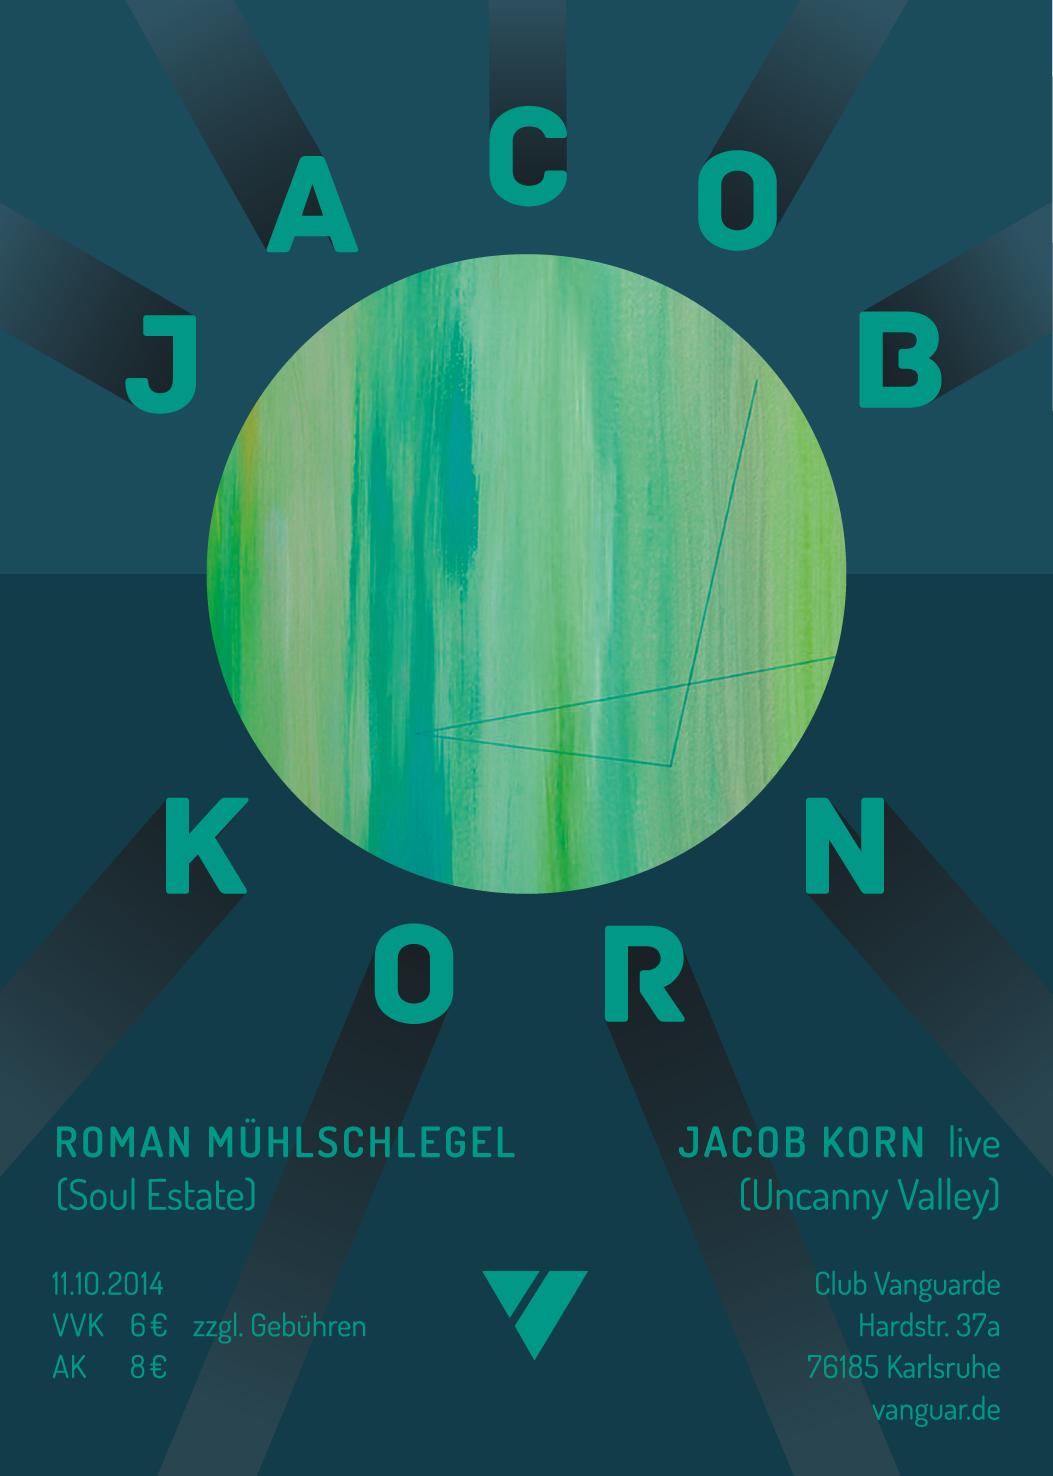 11.10.2014 | JACOB KORN (Uncanny Valley) & ROMAN MÜHLSCHLEGEL (Soul Estate)